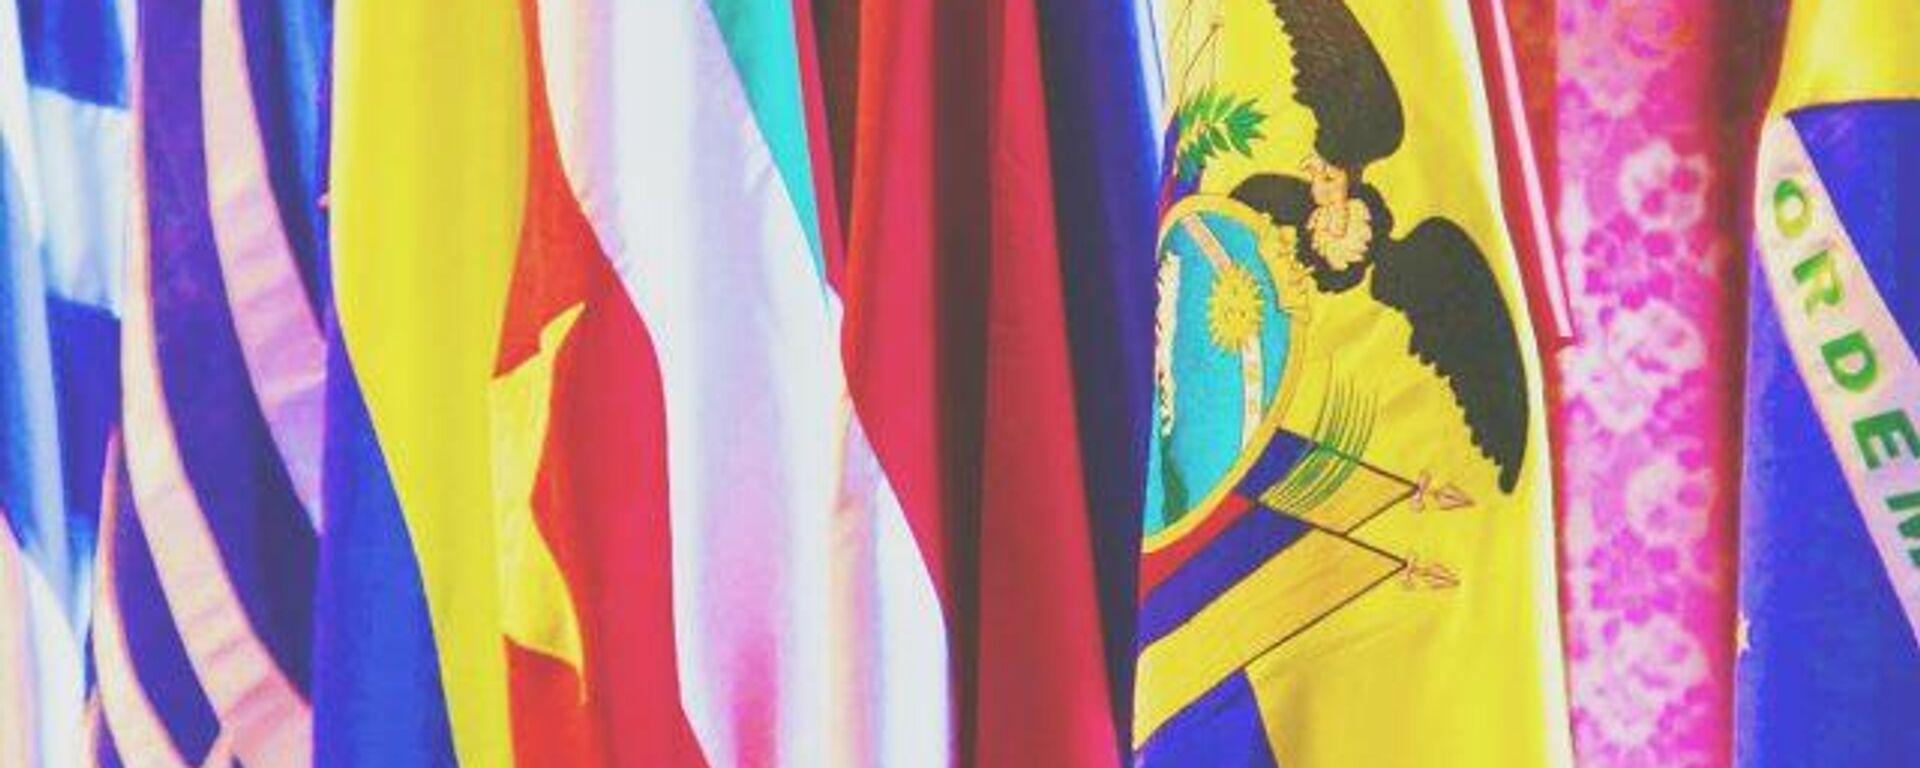 Bolivia evalúa iniciar acciones legales contra el secretario general de la OEA, Luis Almagro - Sputnik Mundo, 1920, 17.03.2021